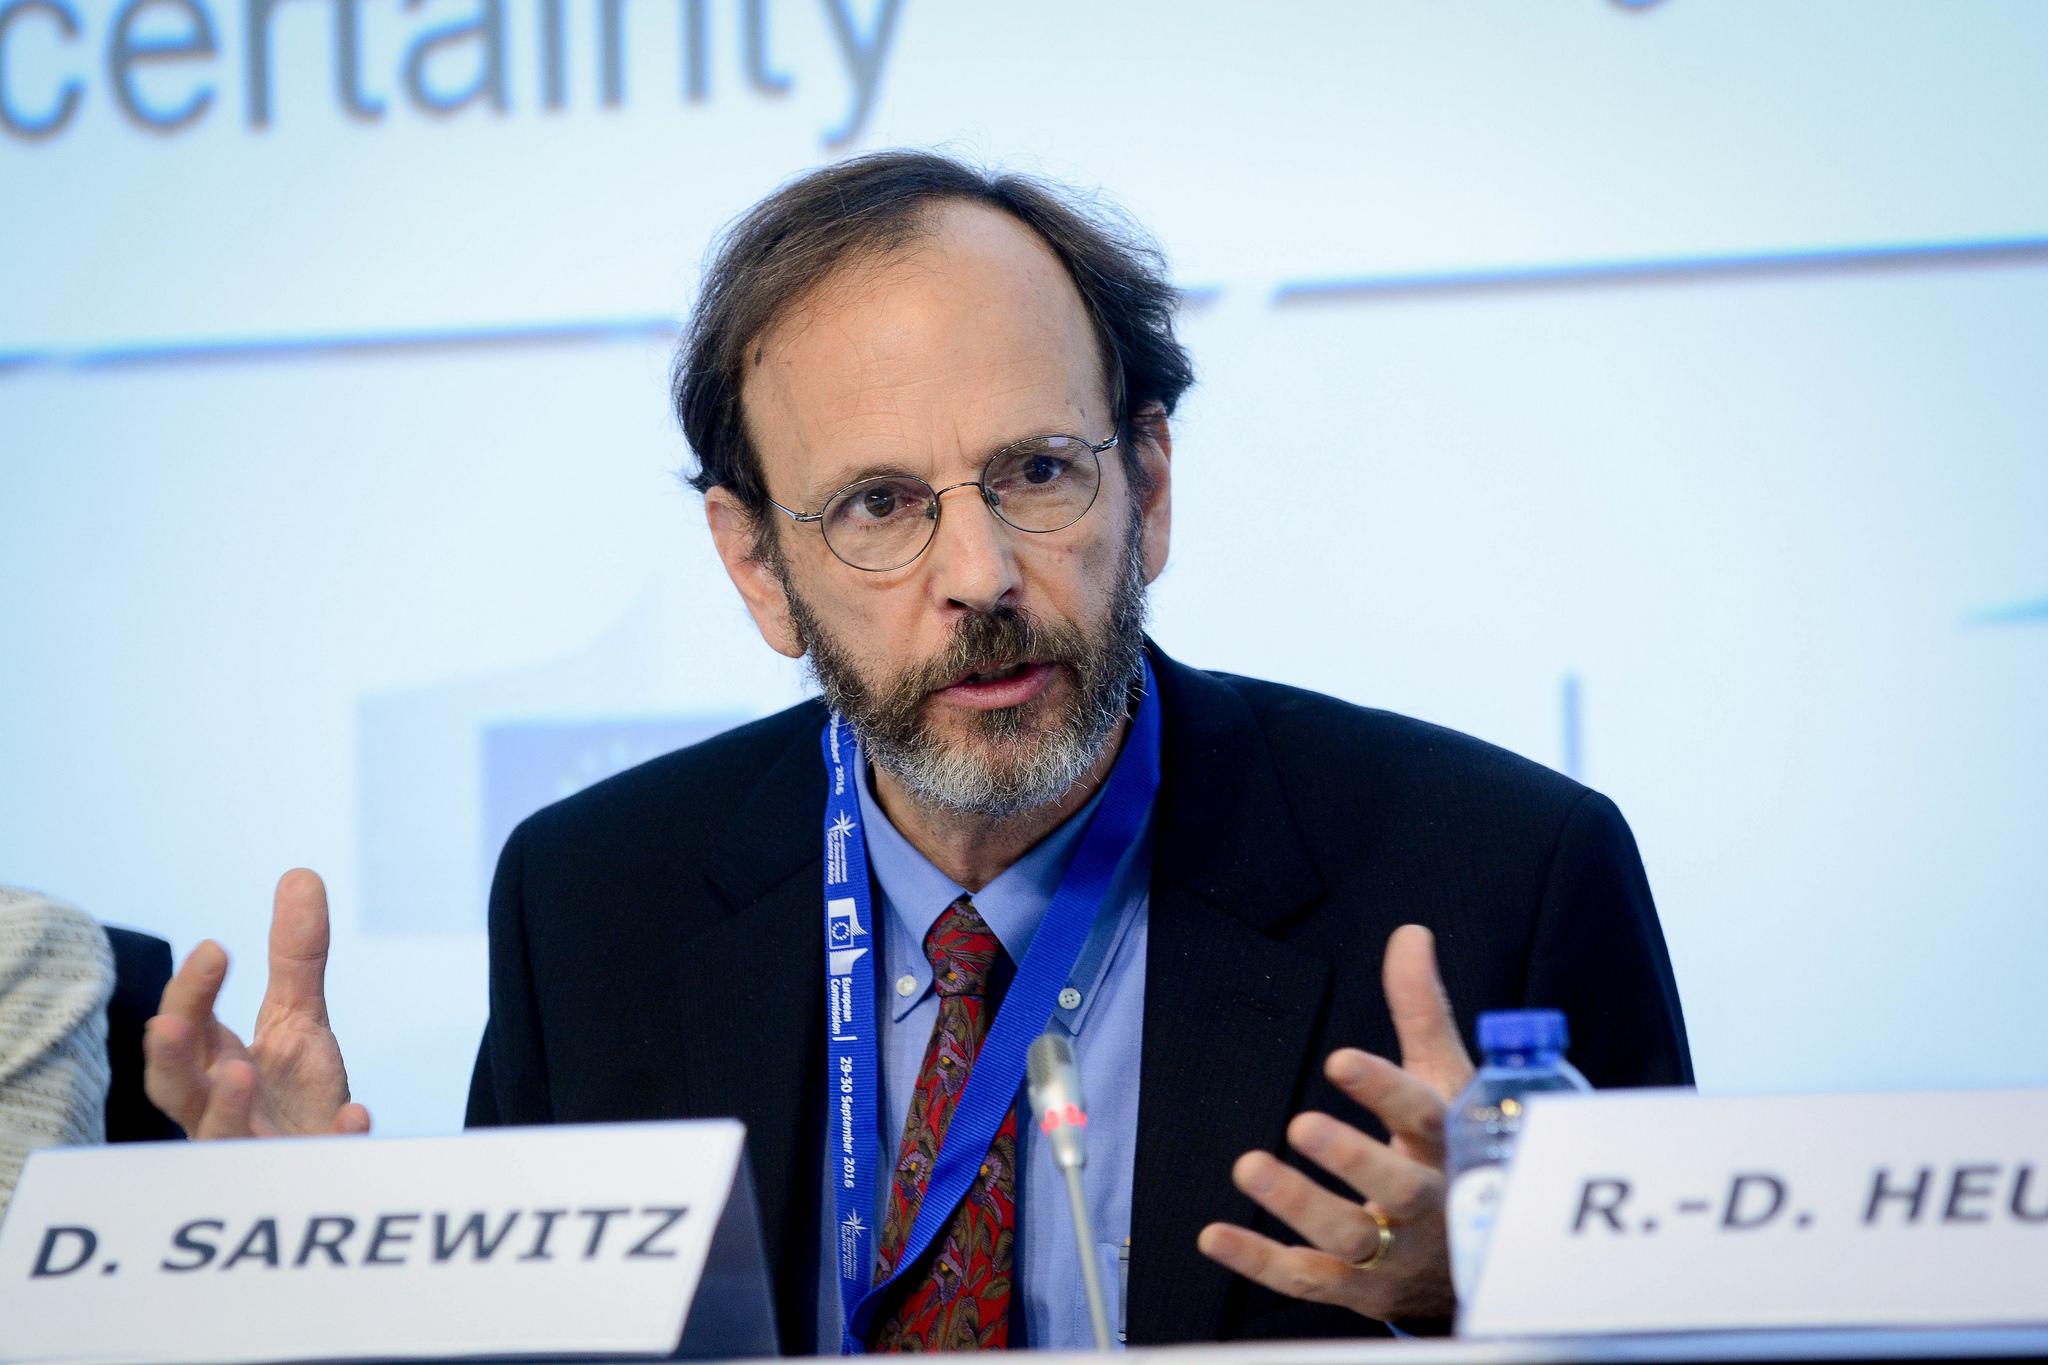 Daniel Sarewitz